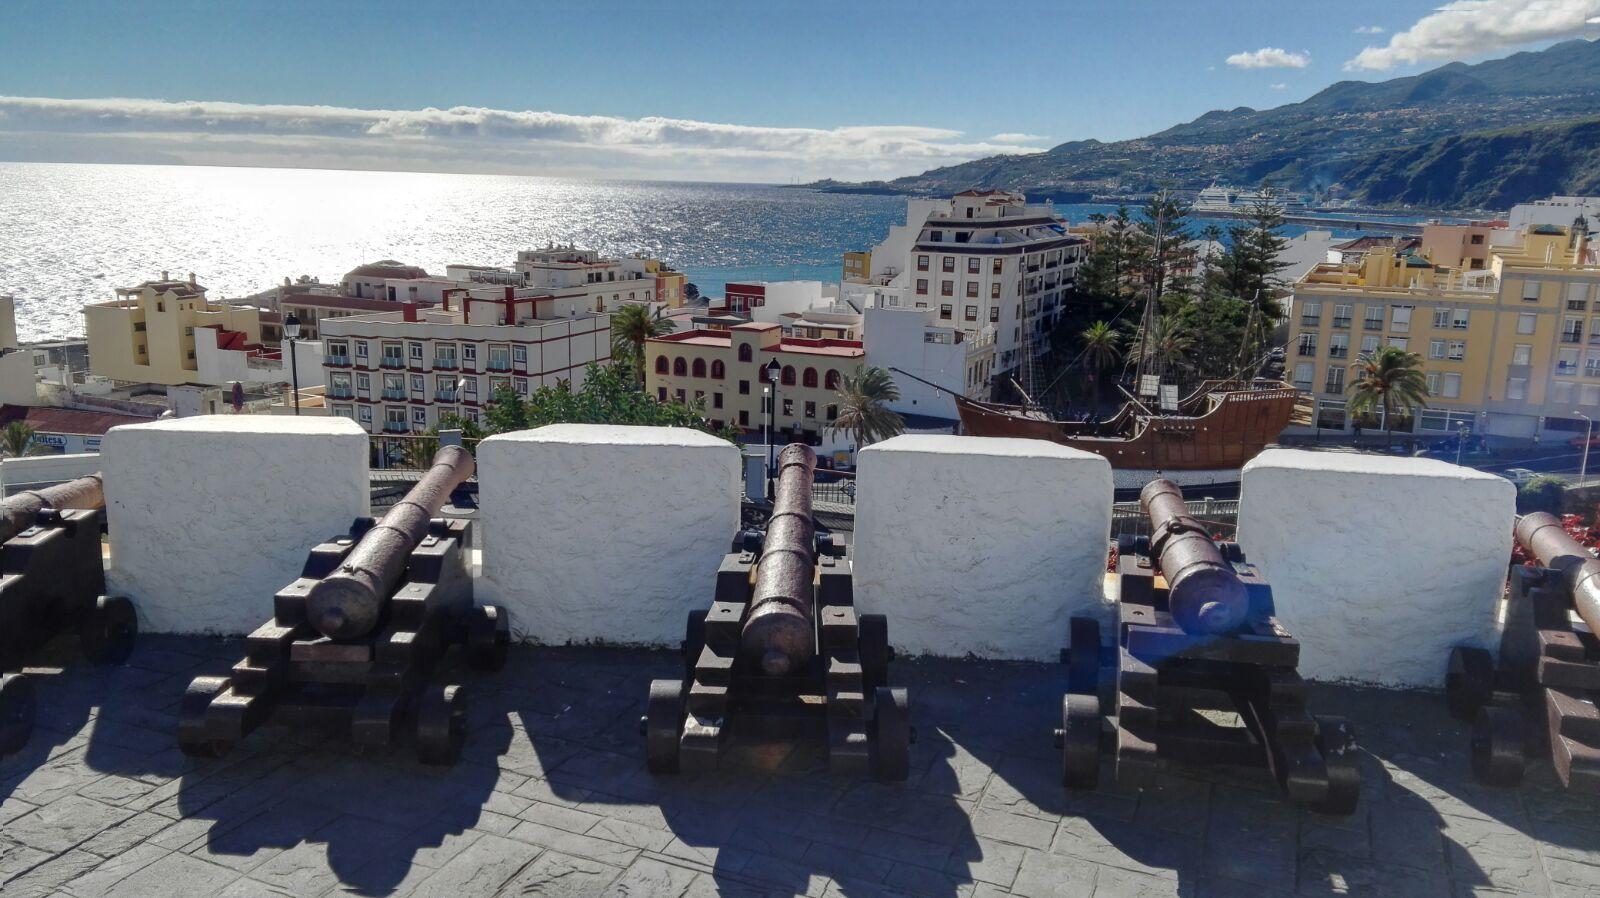 Fortaleza asediada, Santa Cruz de La Palma resiste